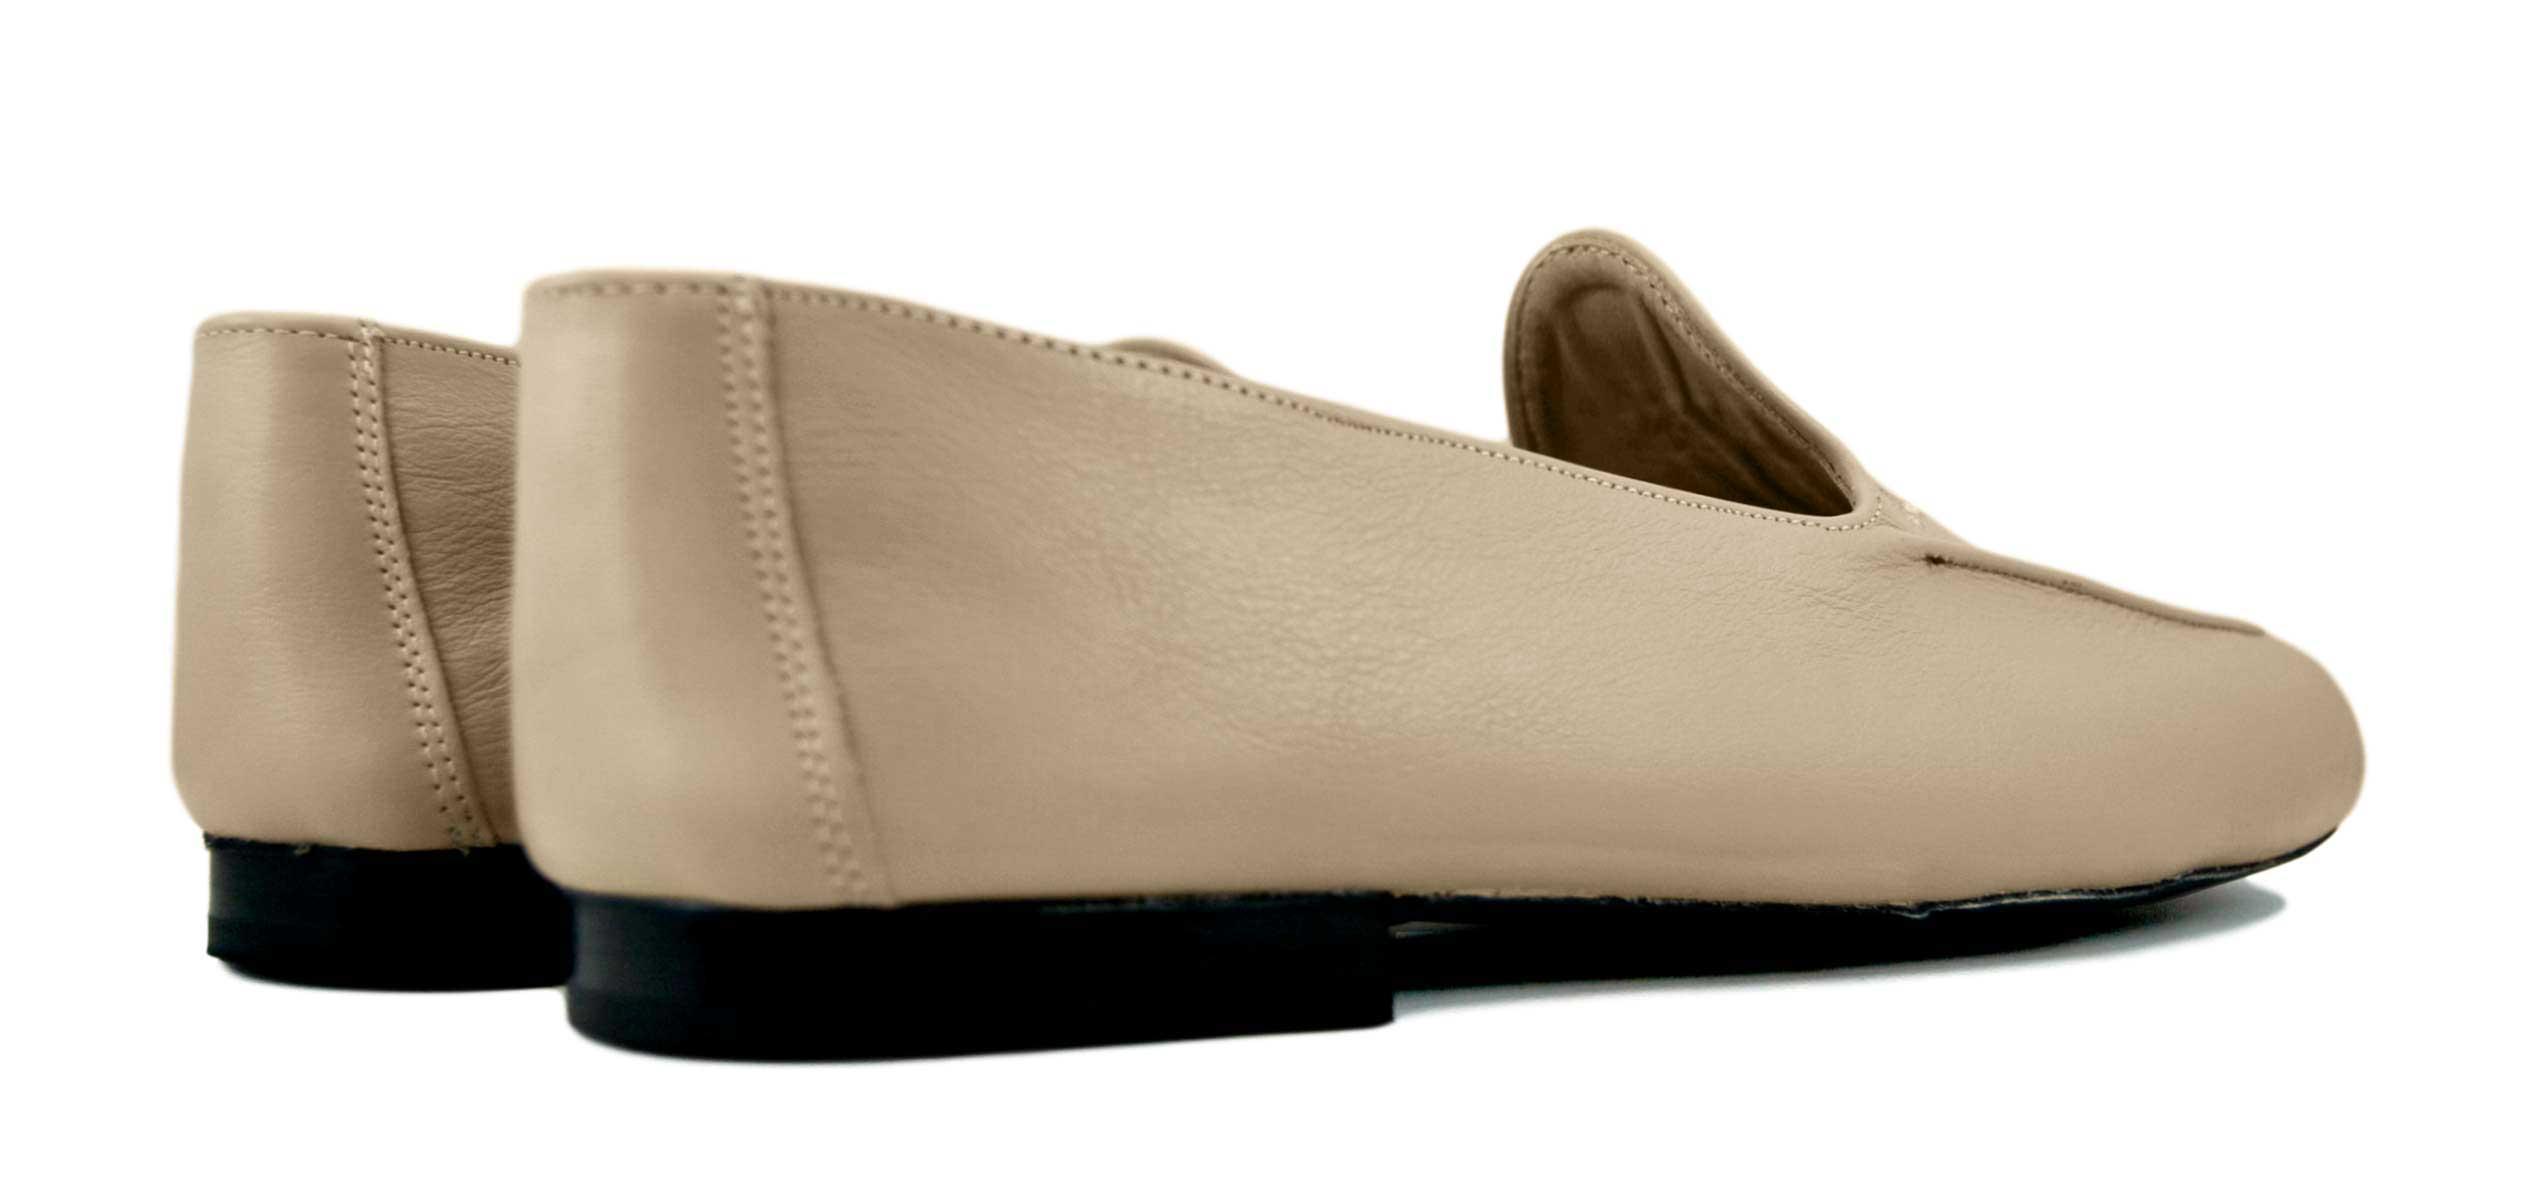 Foto 3 de Zapatos Julio Iglesias Mocasin 528 JC Deserto Napa